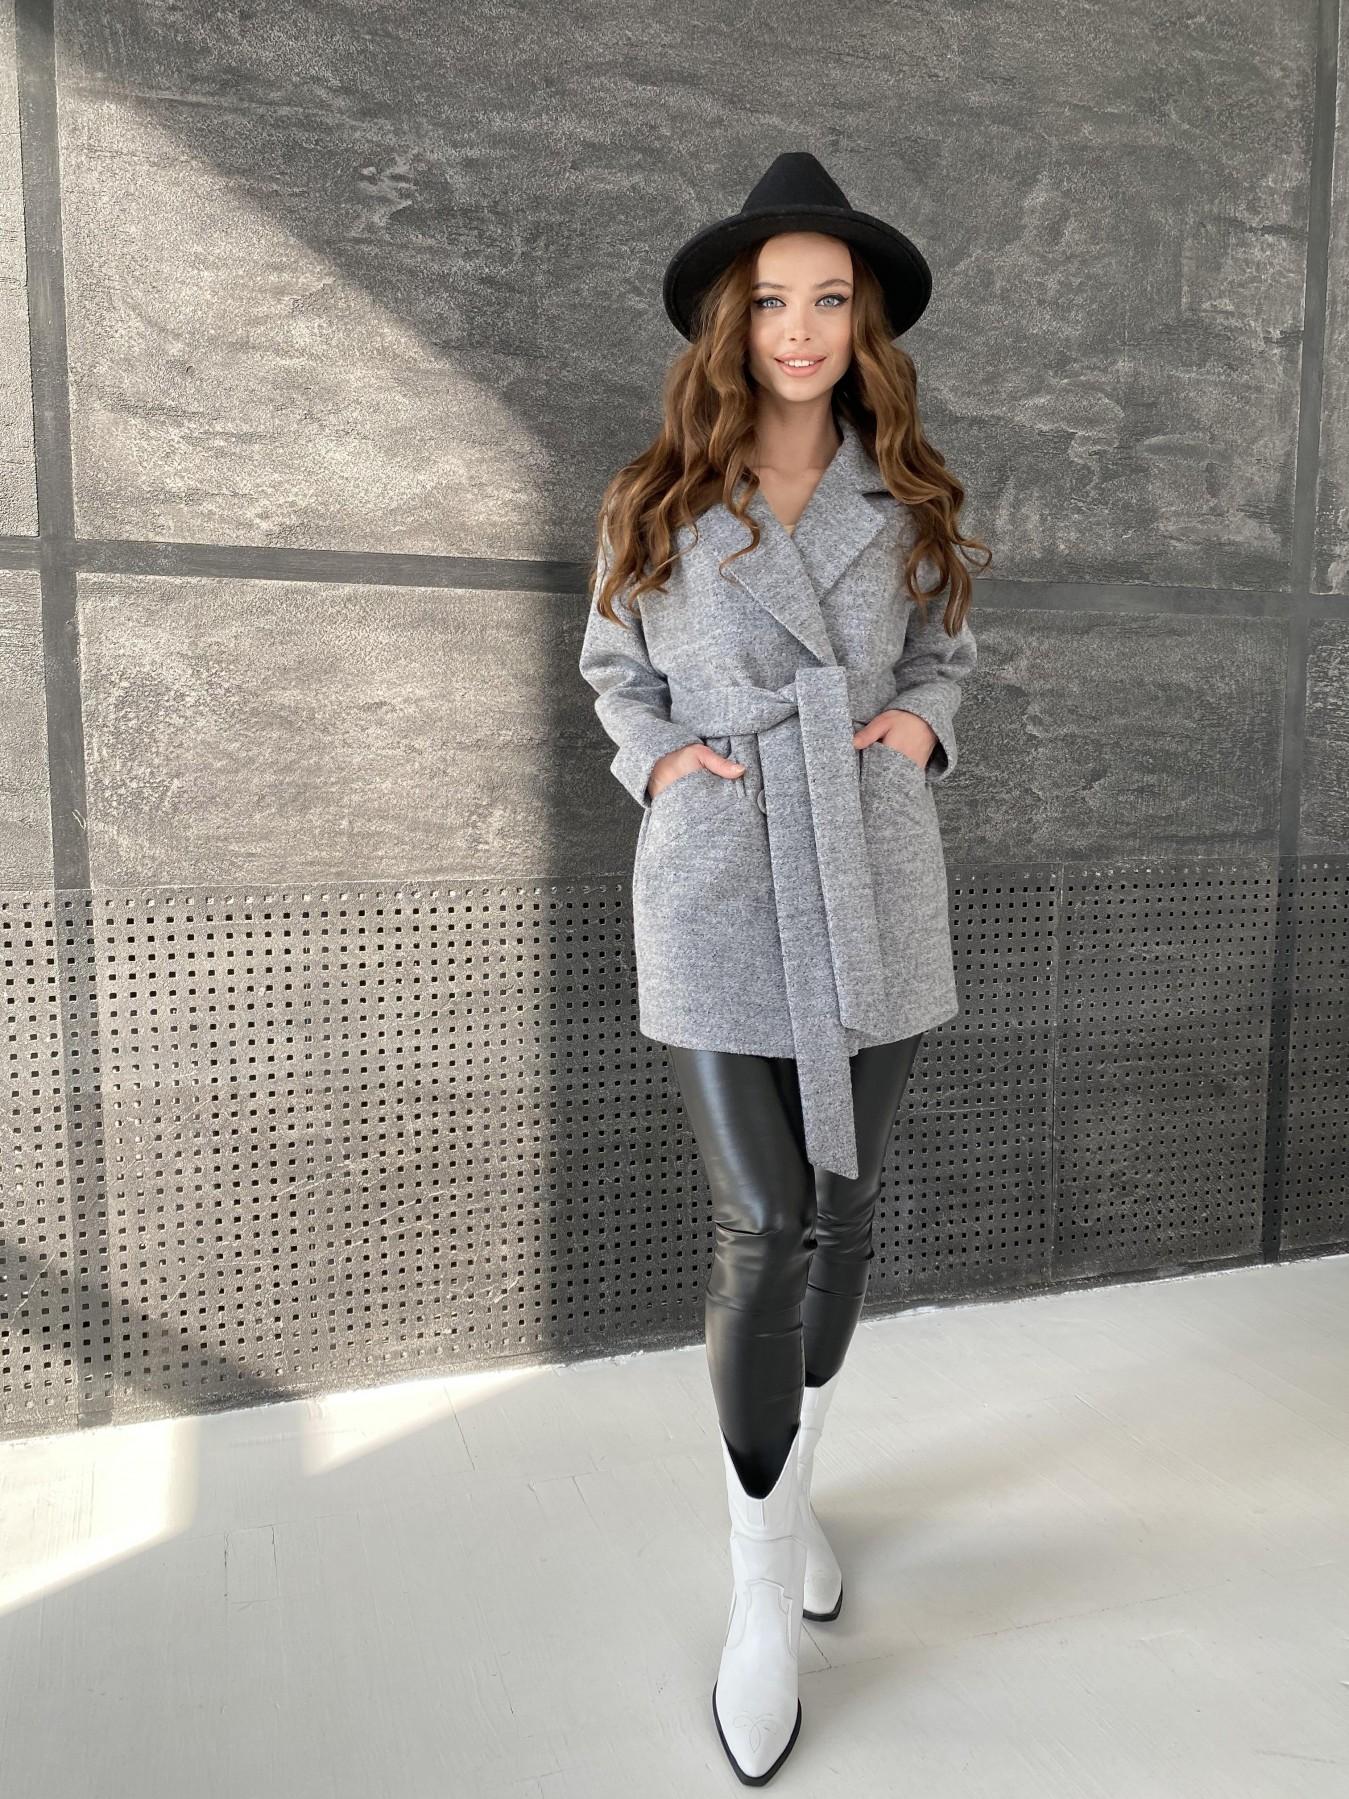 Бонд пальто из шерсти букле  10770 АРТ. 47198 Цвет: Серый 48 - фото 5, интернет магазин tm-modus.ru